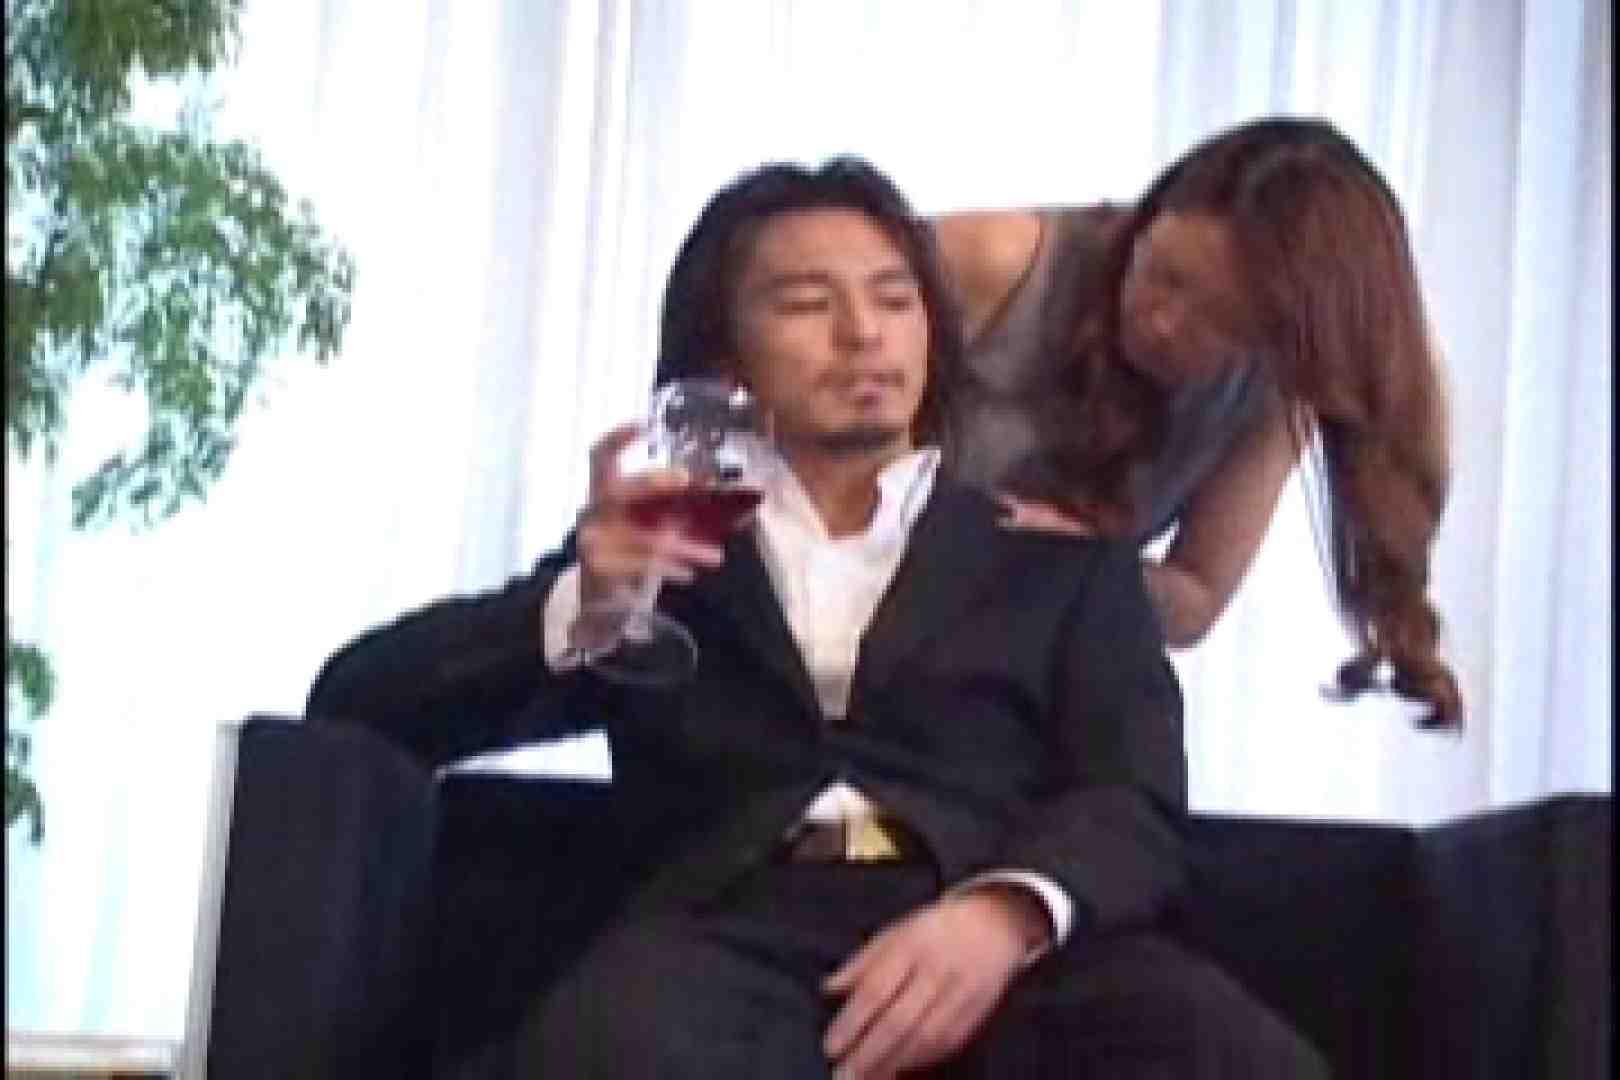 BEST OF イケメン!!男目線のガチSEX vol.06(対女性作品) ホスト  113pic